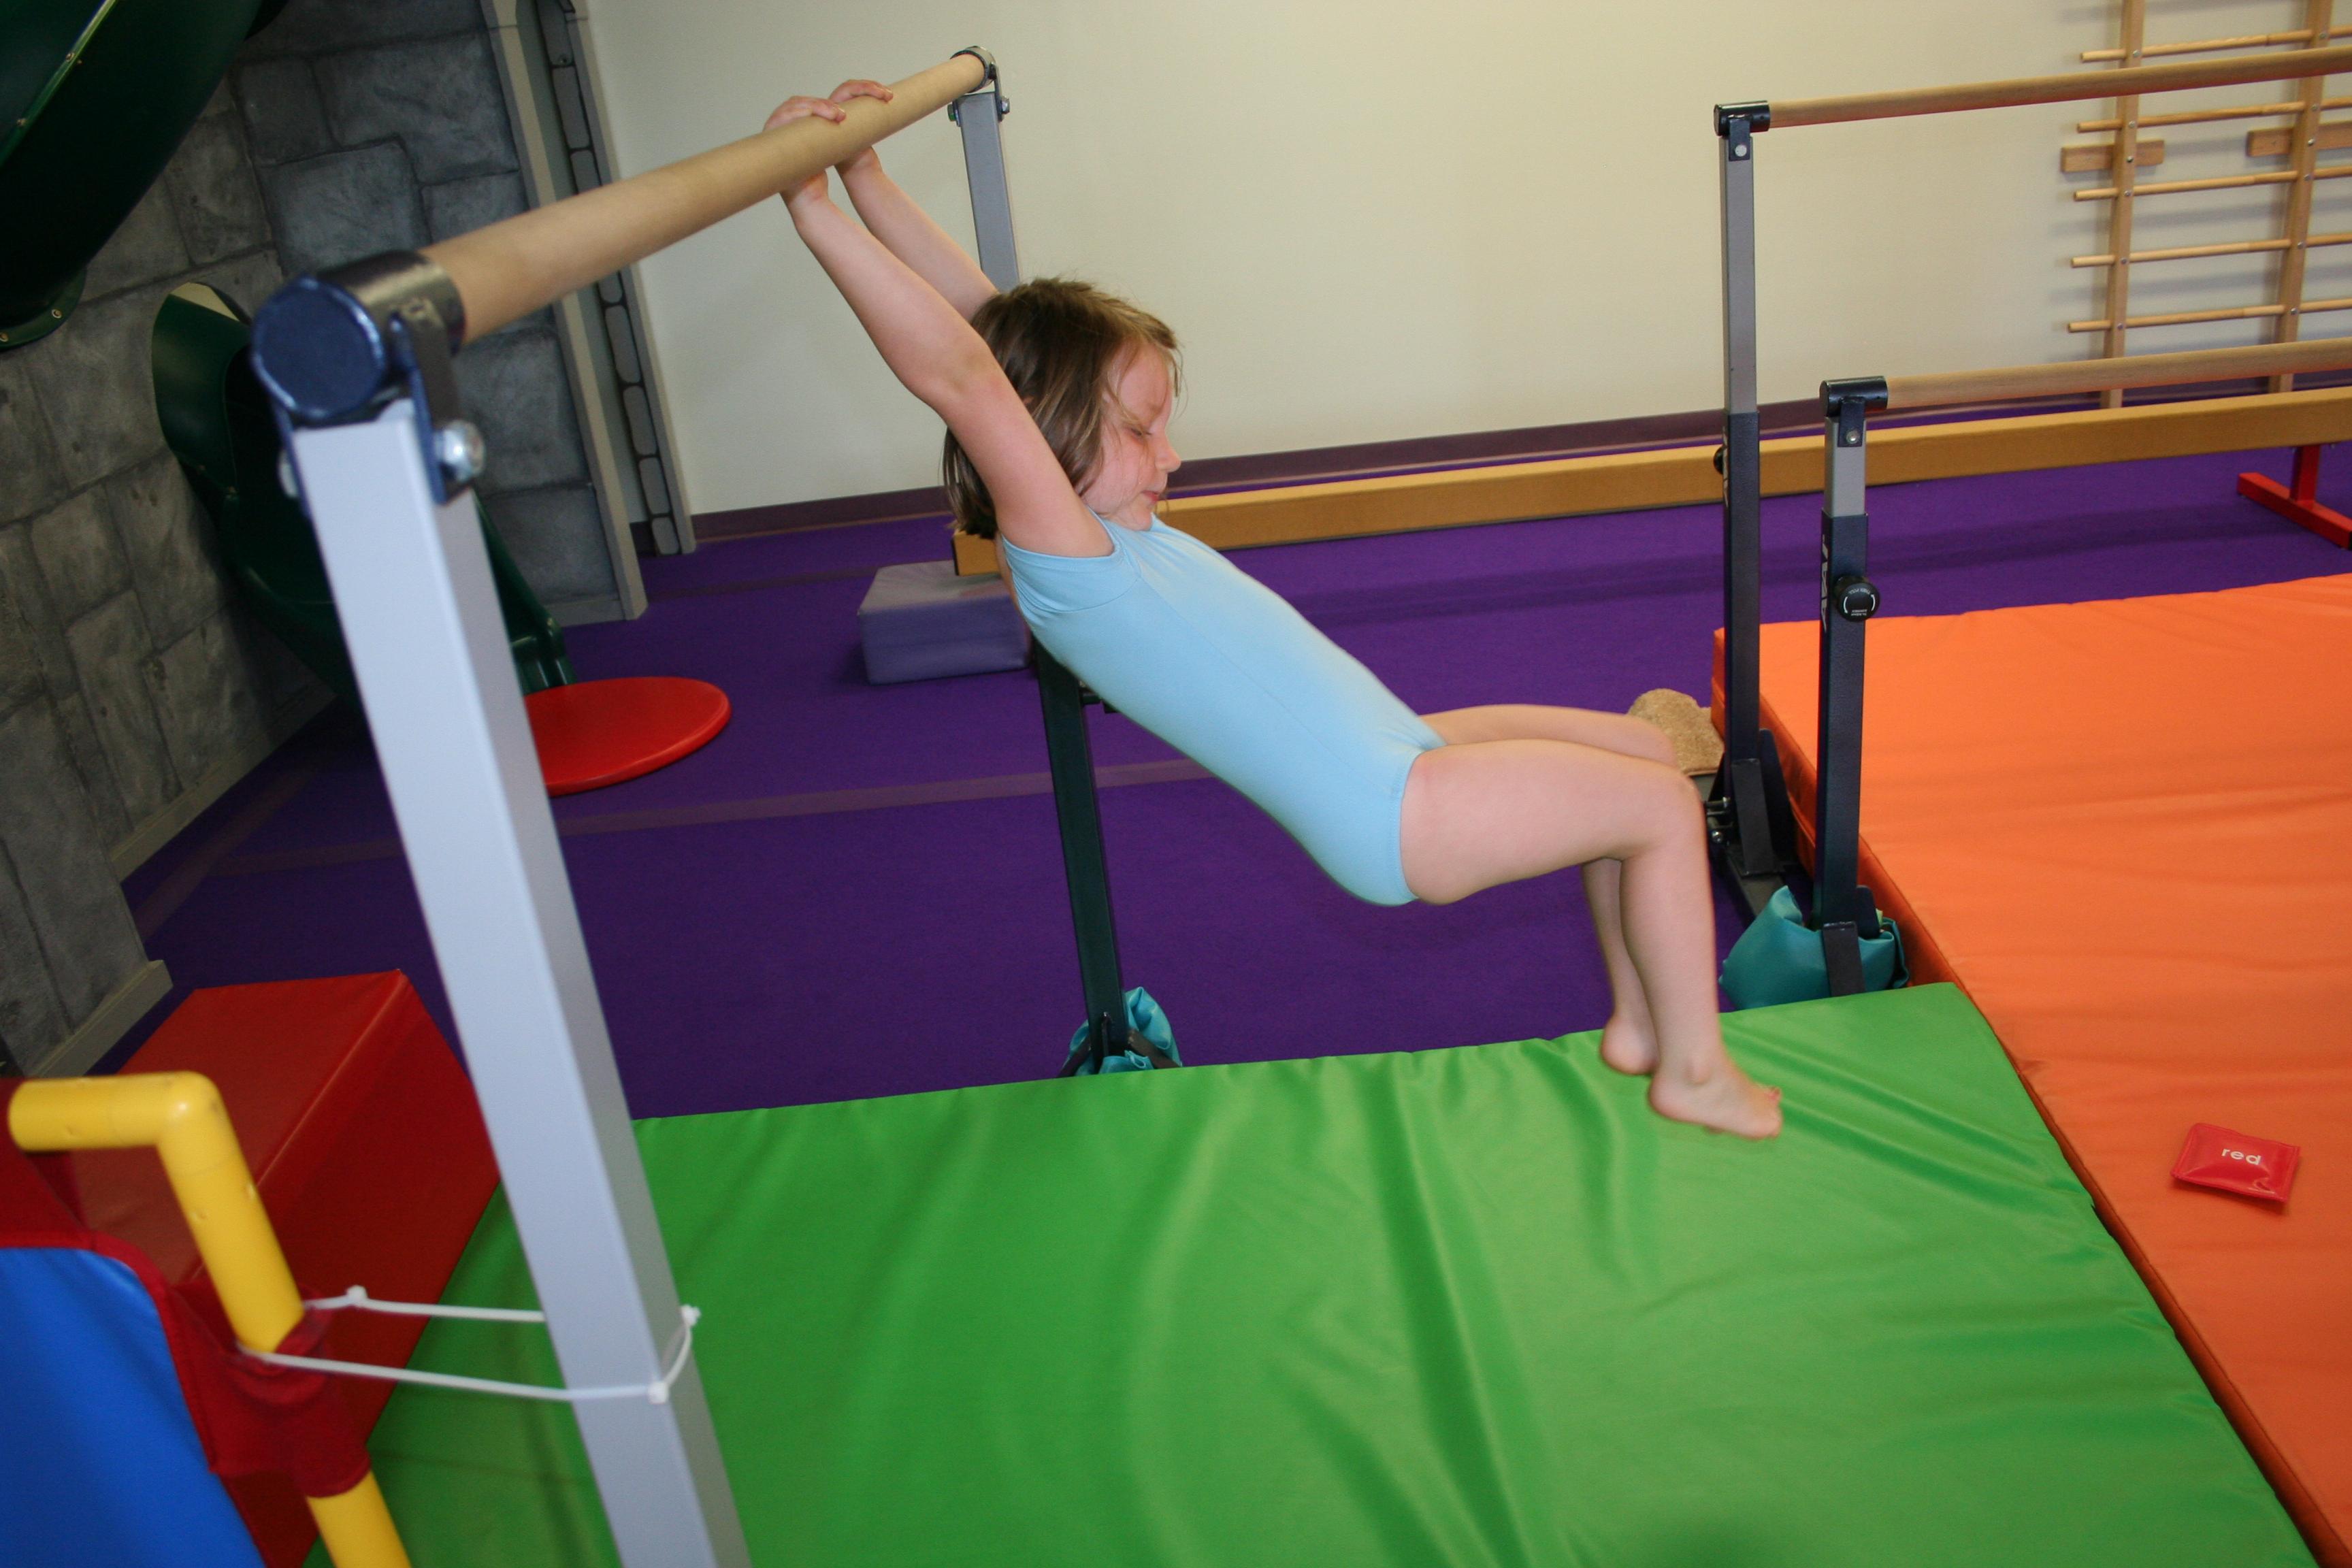 Forming new gymnastics classes